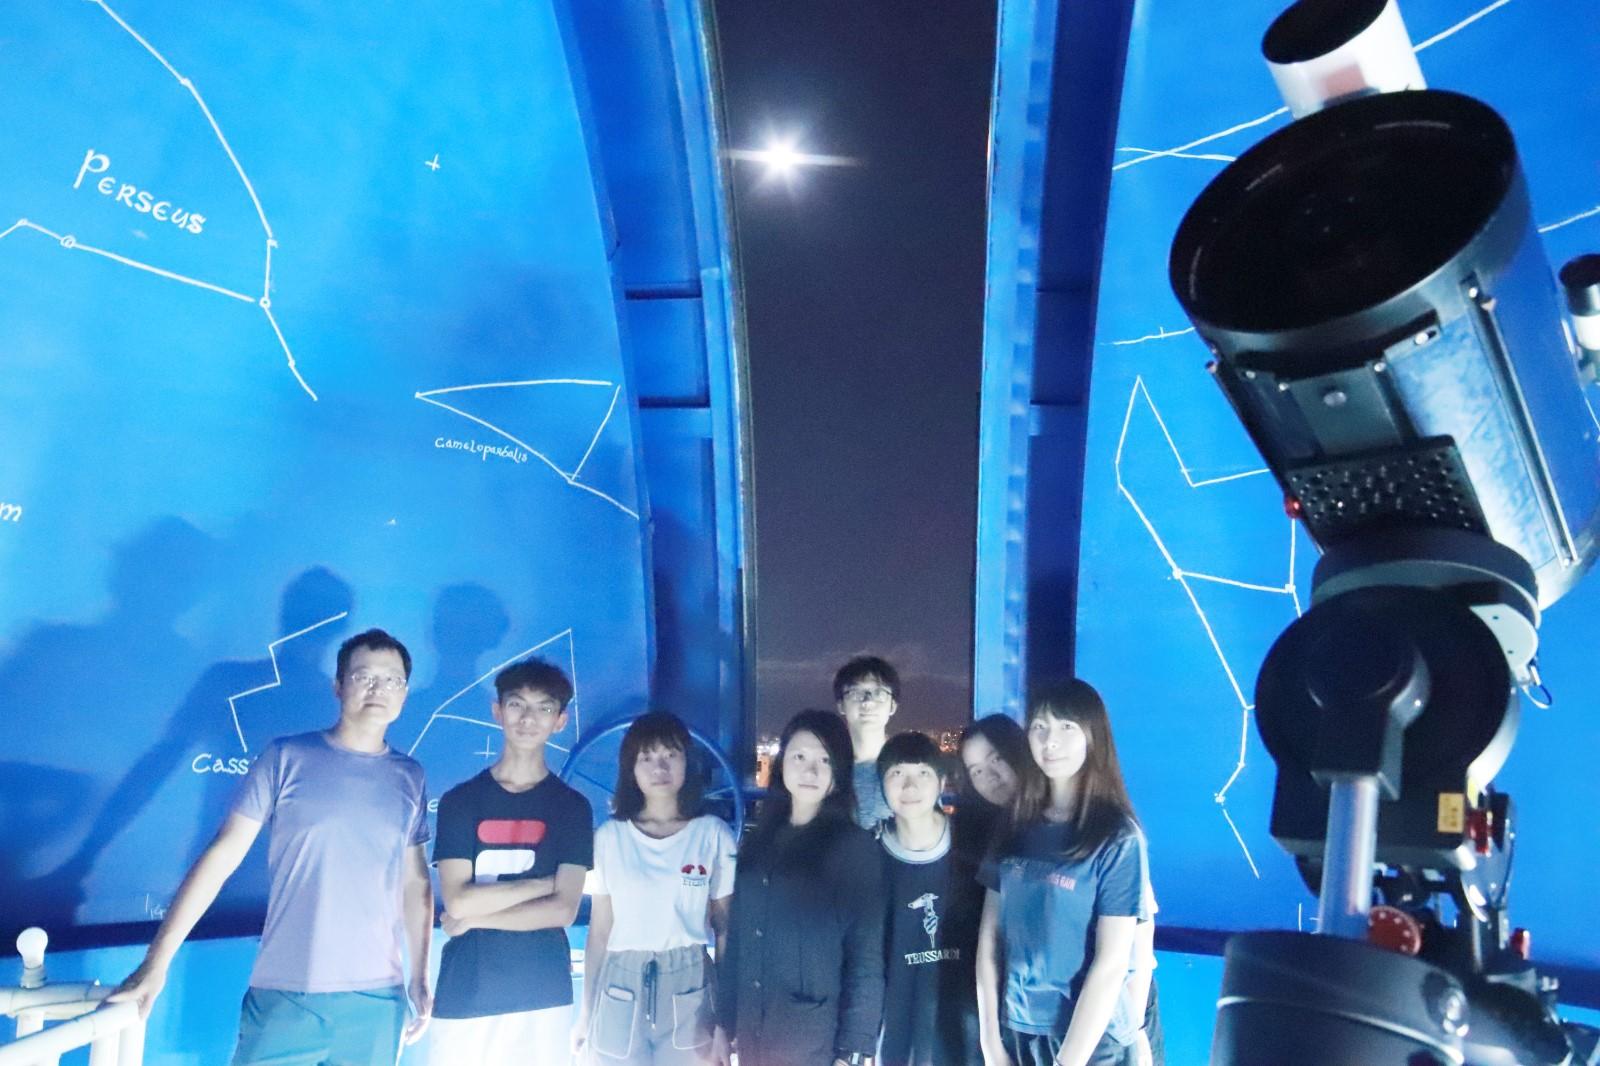 中原天文社由一群熱愛星空的學生組成,學生期待中秋賞月活動,歡迎民眾共襄盛舉。.jpg